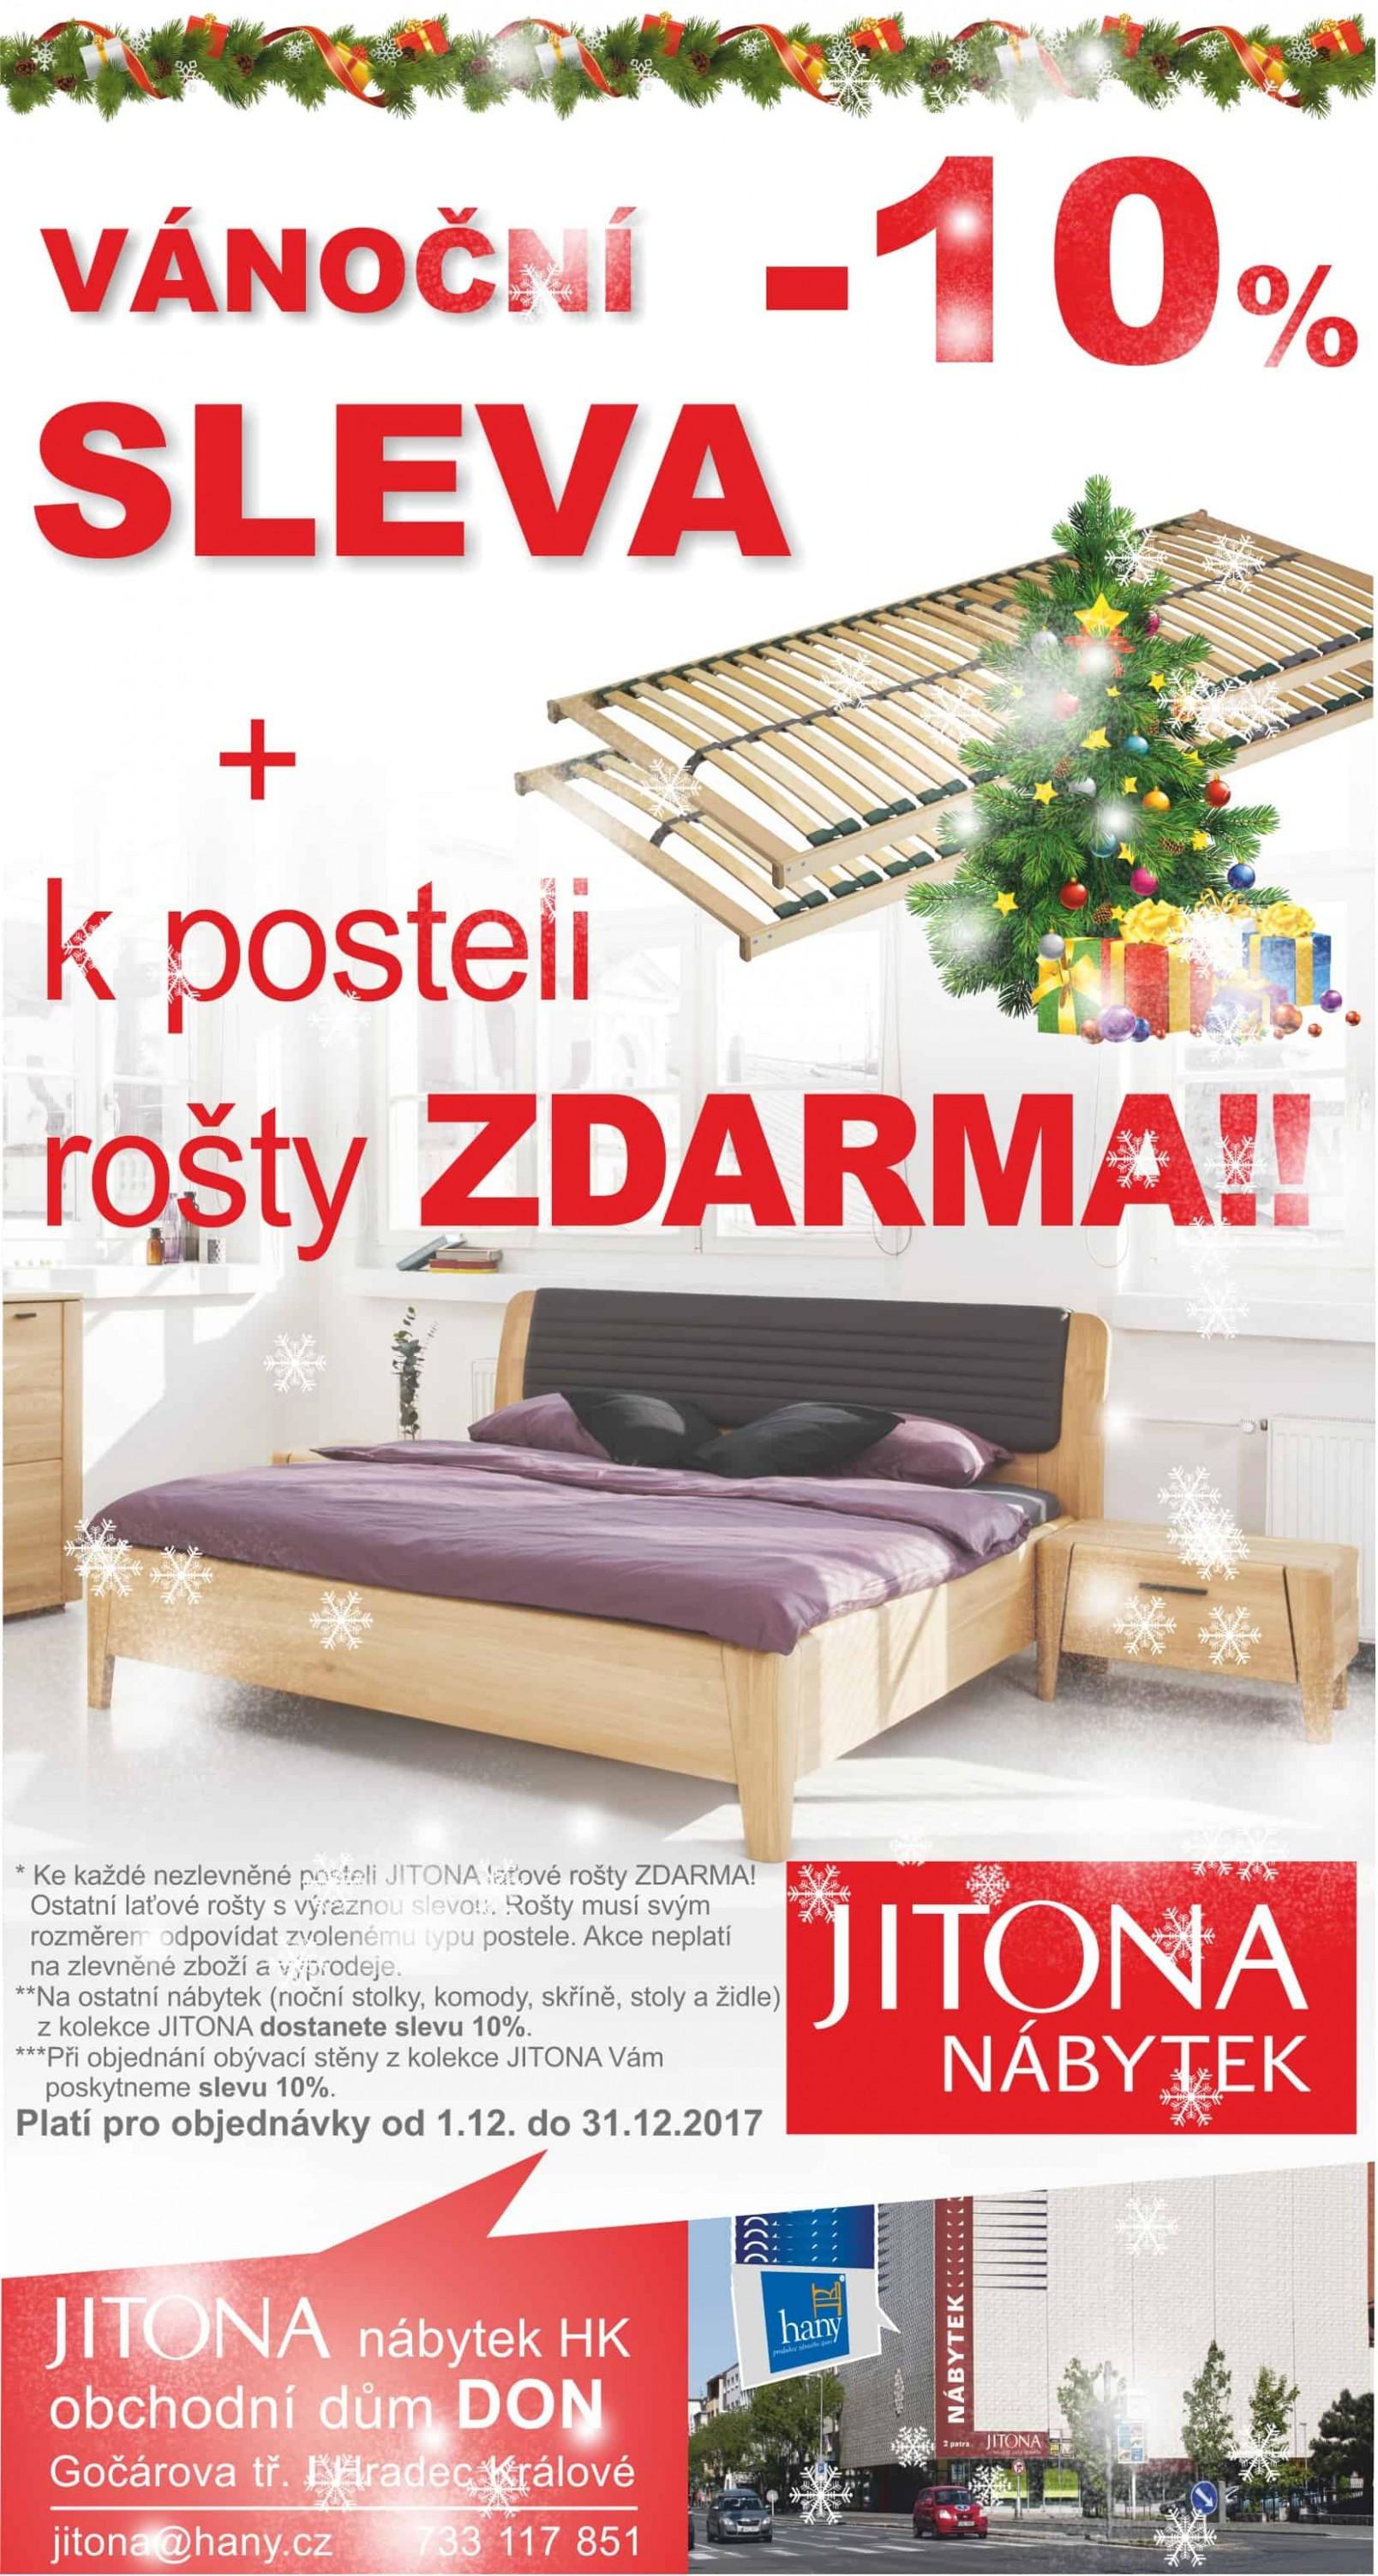 HANY nábytek matrace, Hradec Králové